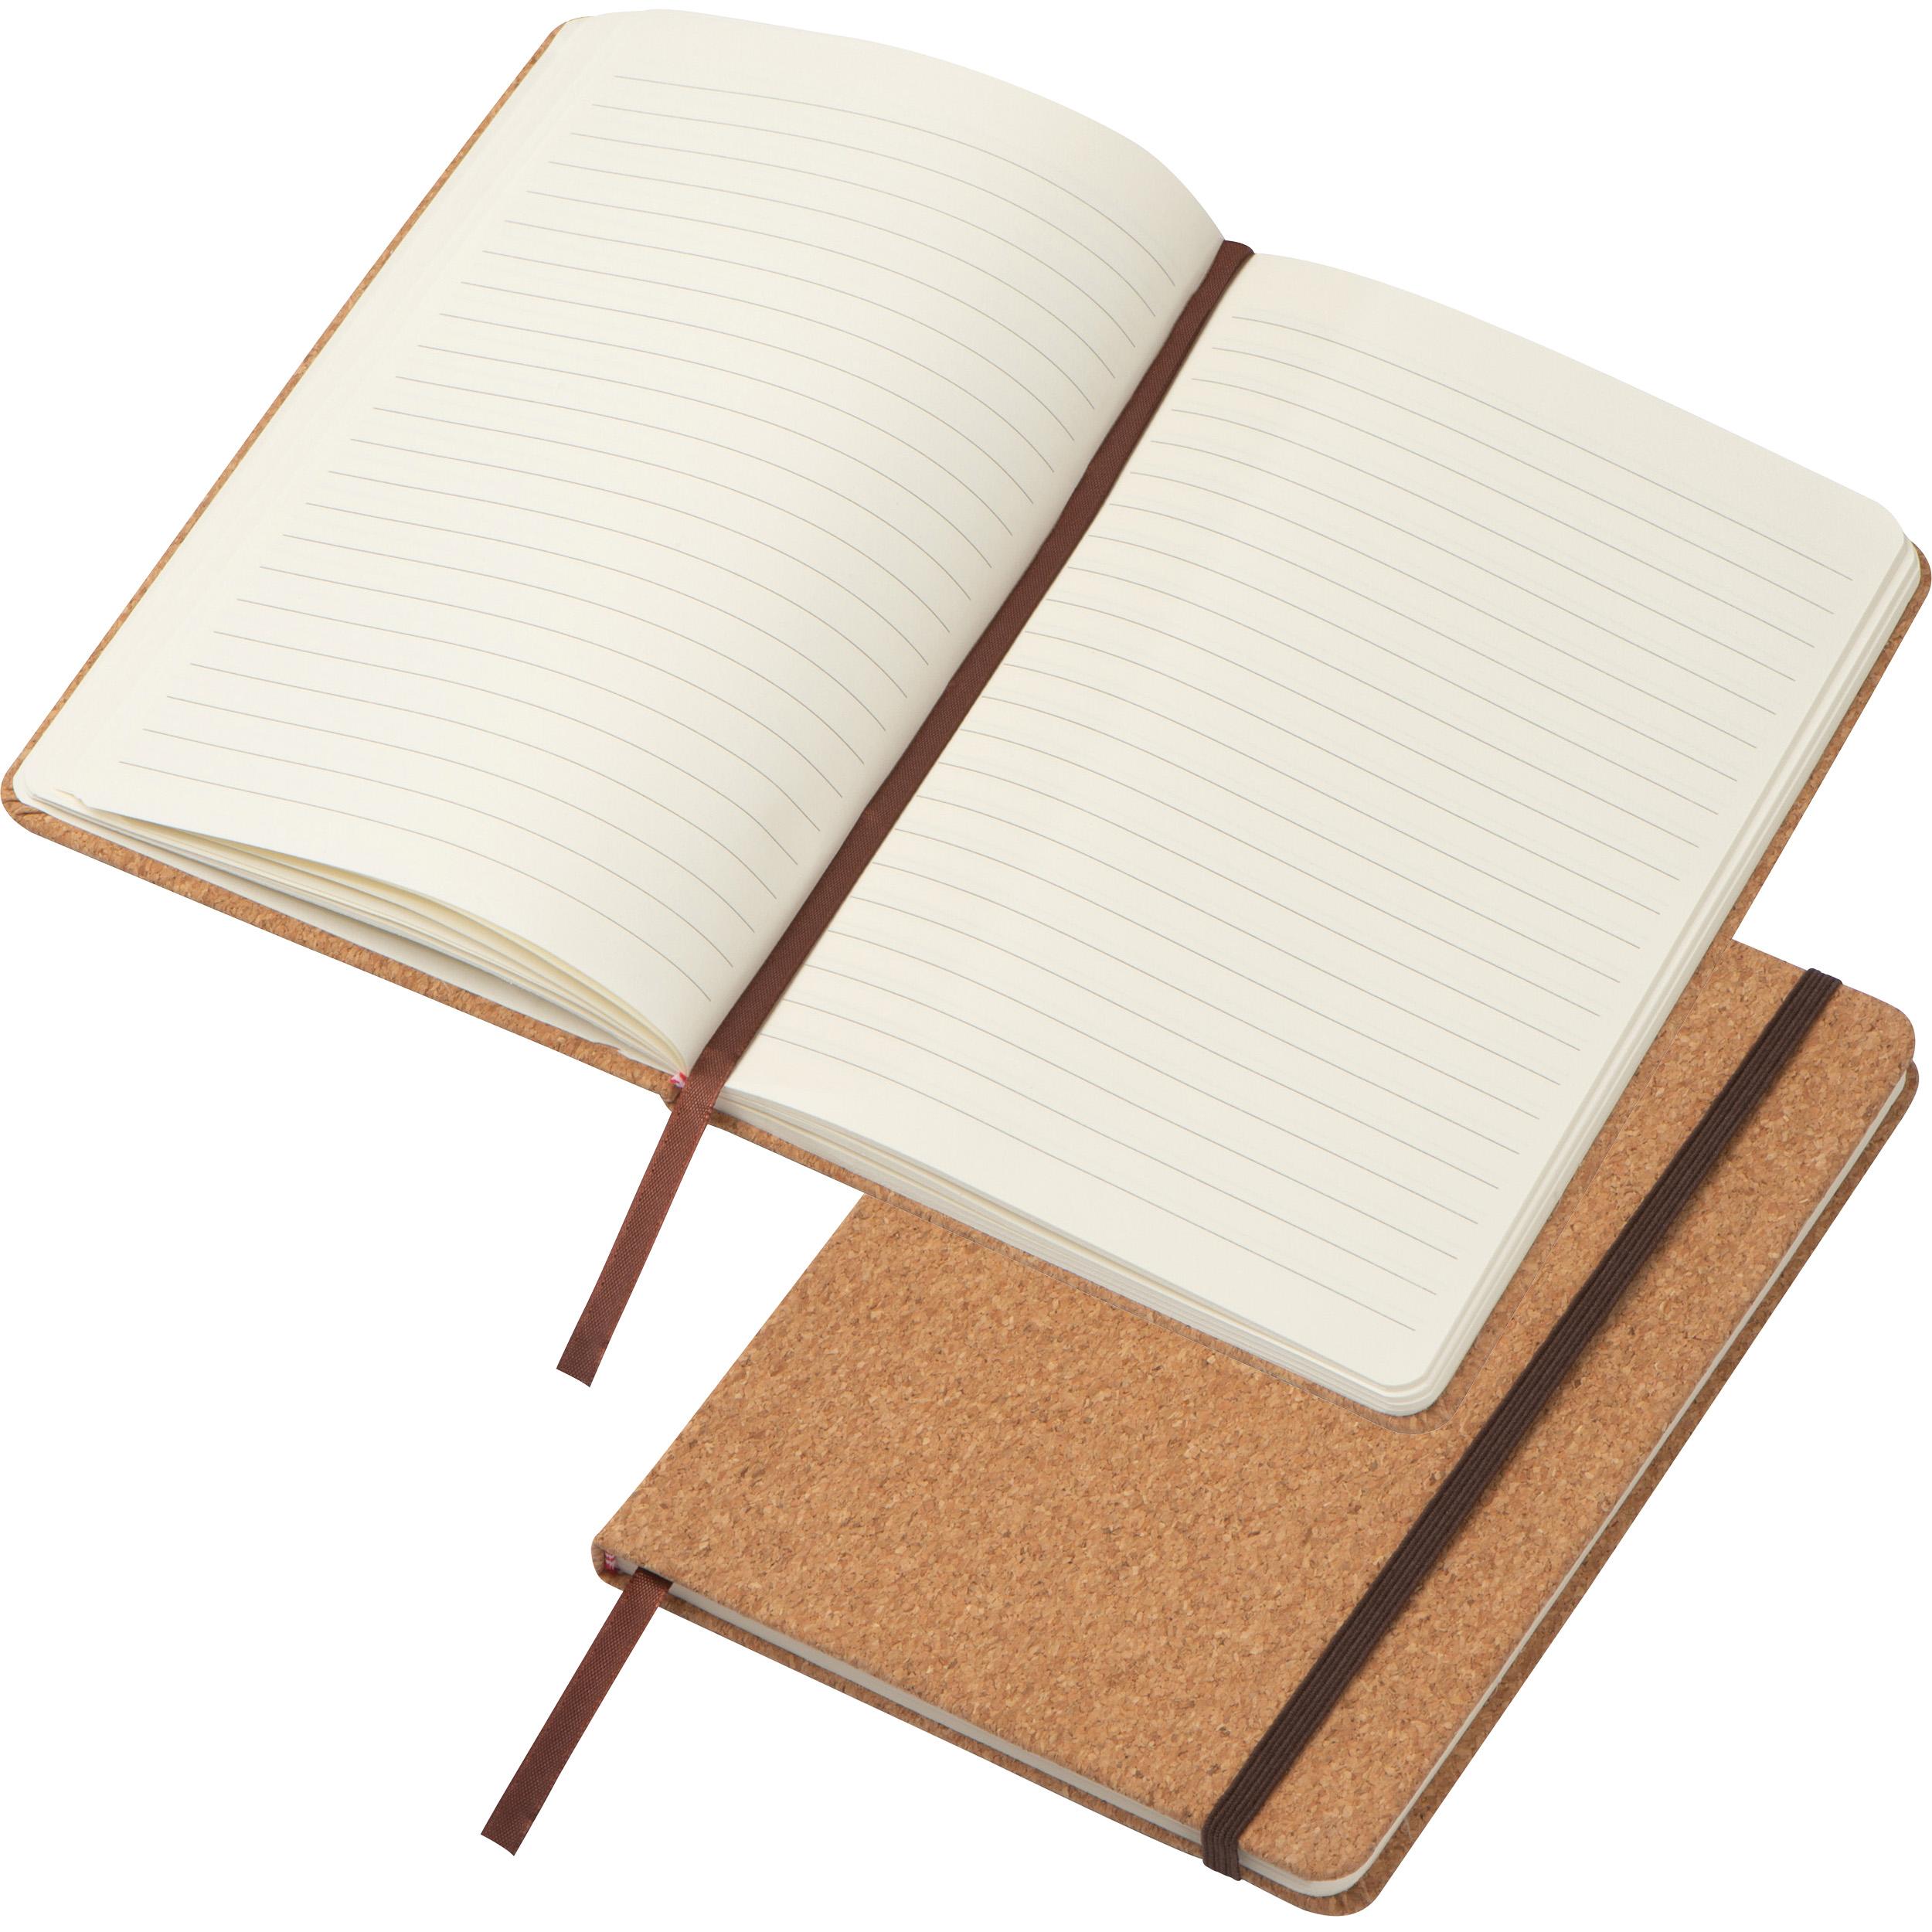 Cork notebook - DIN A5